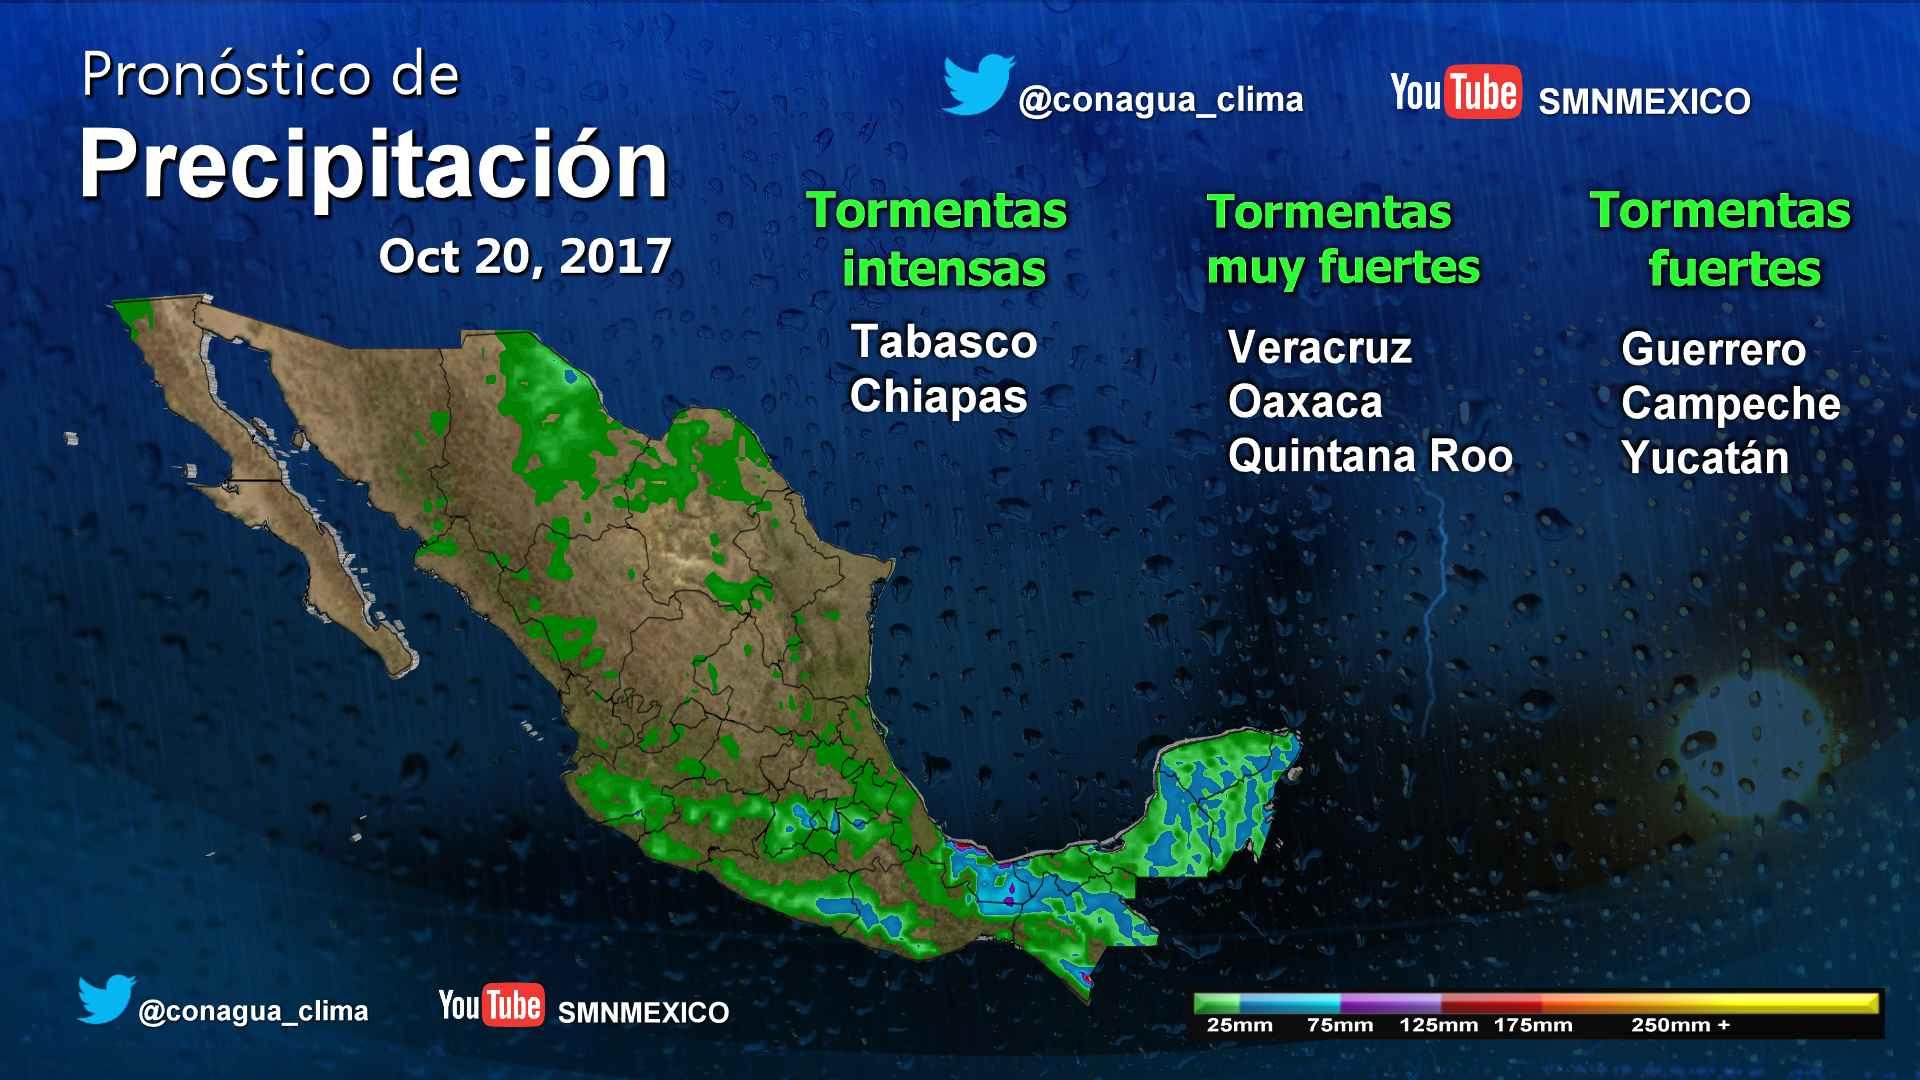 Para zonas de Veracruz, Tabasco y Chiapas se pronostican tormentas intensas